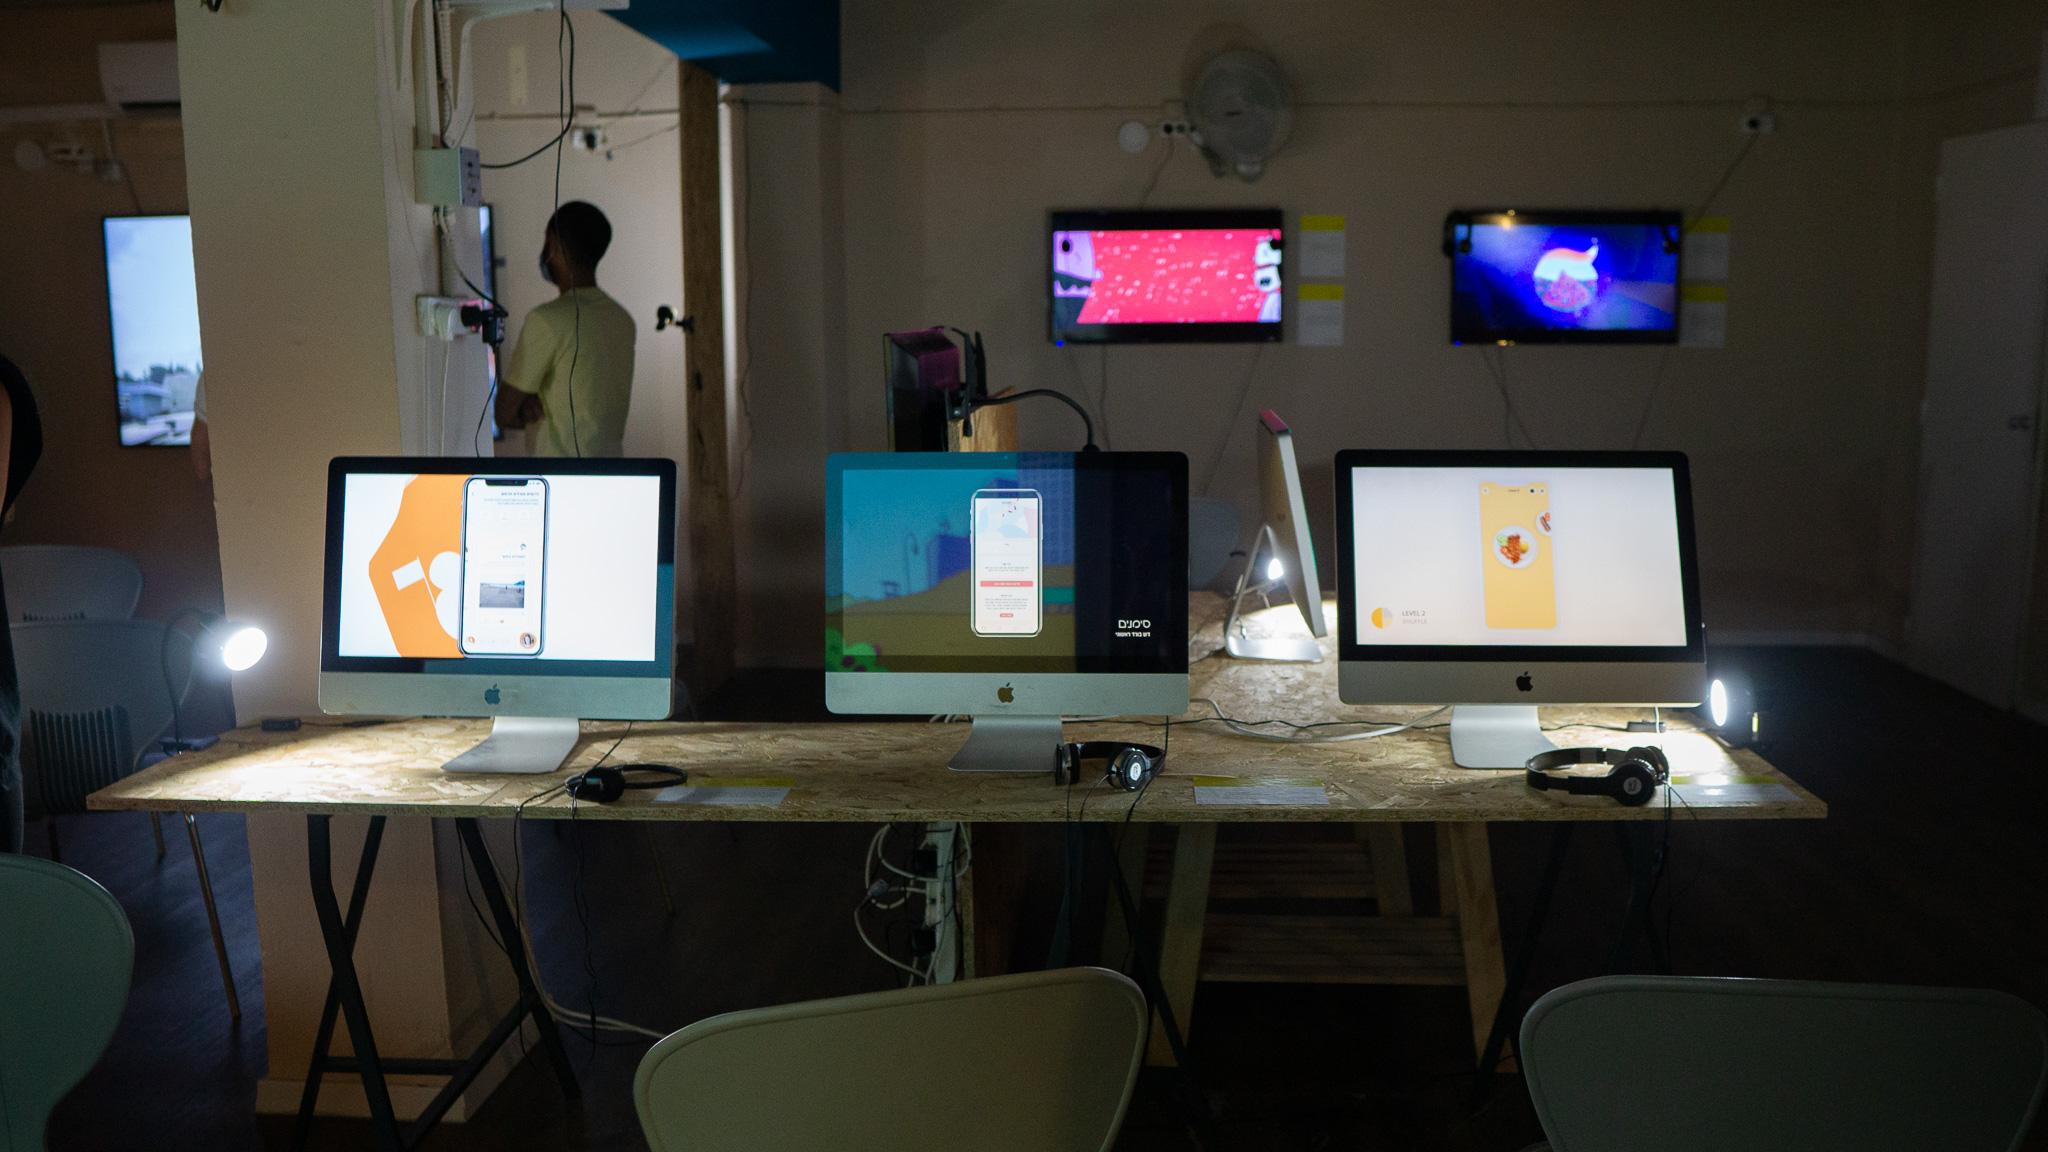 תערוכת הבוגרים של המכון הטכנולוגי חולון. צילום: טל סולומון ורדי